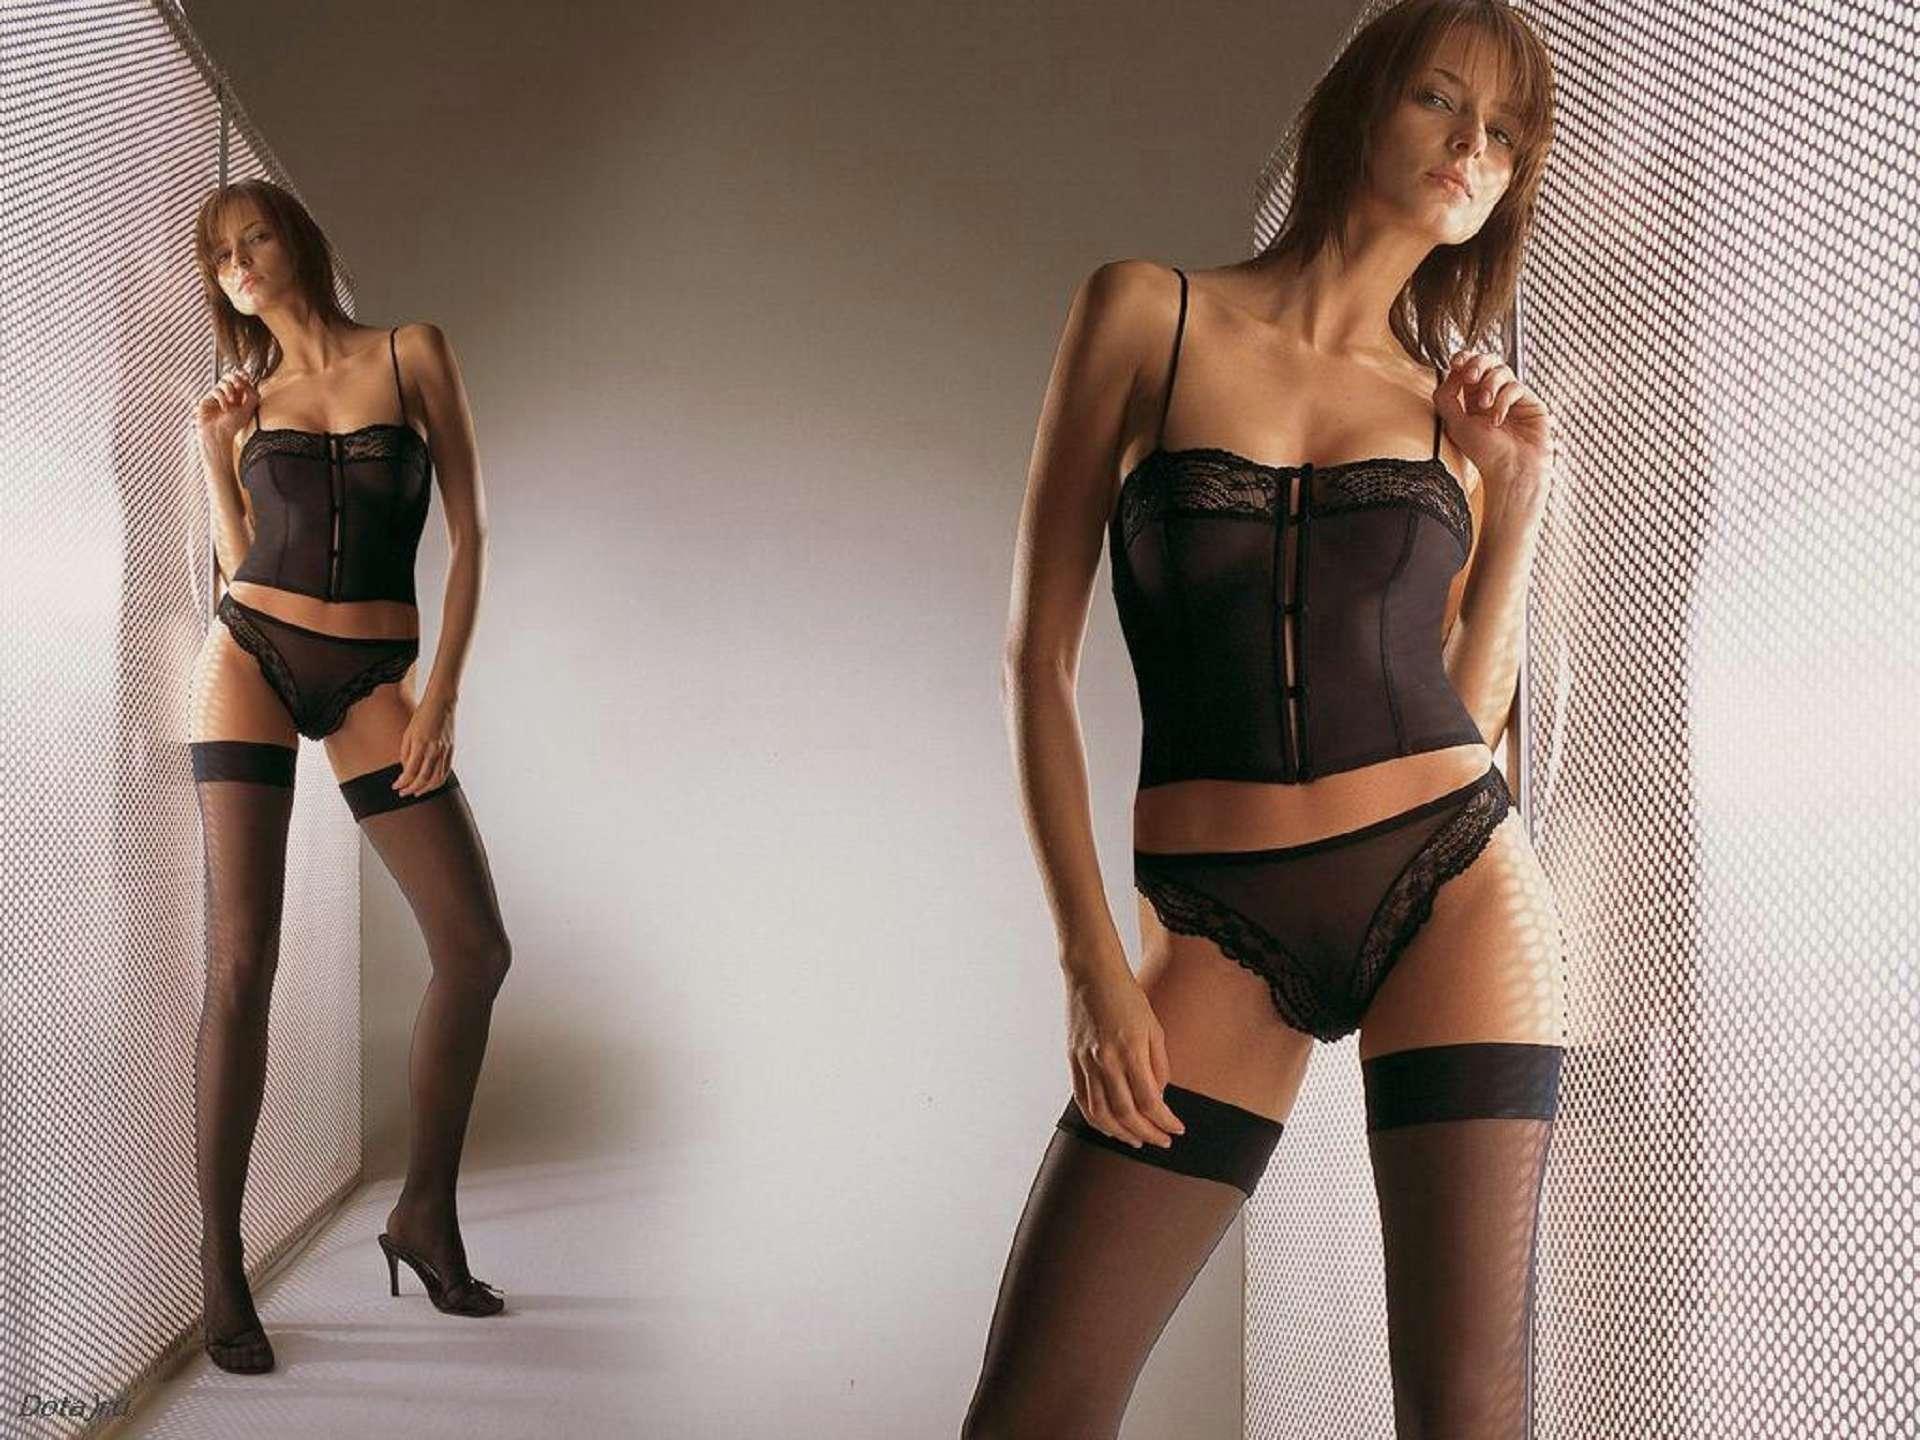 Обои, картинки поиск модел, Sexwall.ru - секс фотки, картинки с